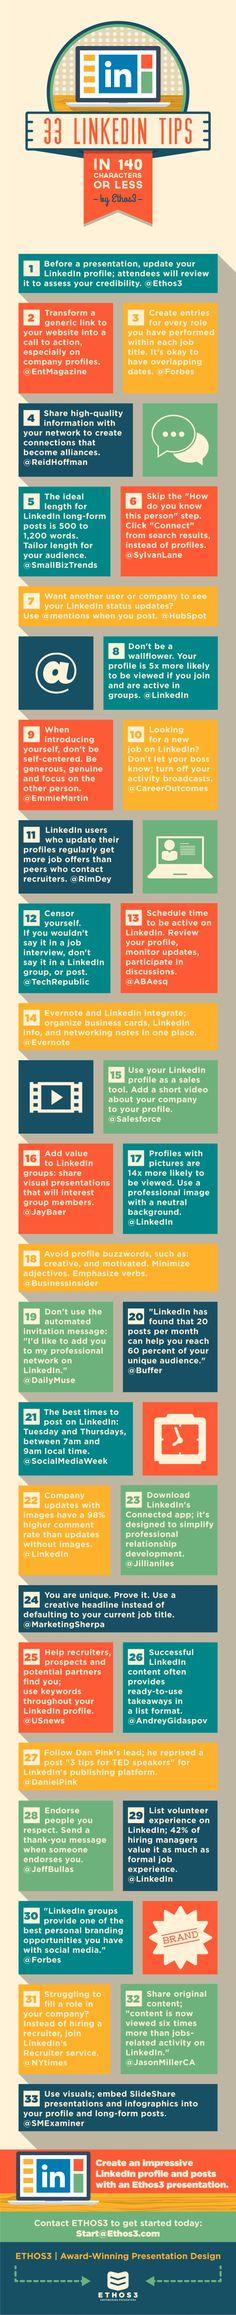 Deze infographic van Ethos3 geeft je 33 LinkedIn tips in 140 tekens of minder.